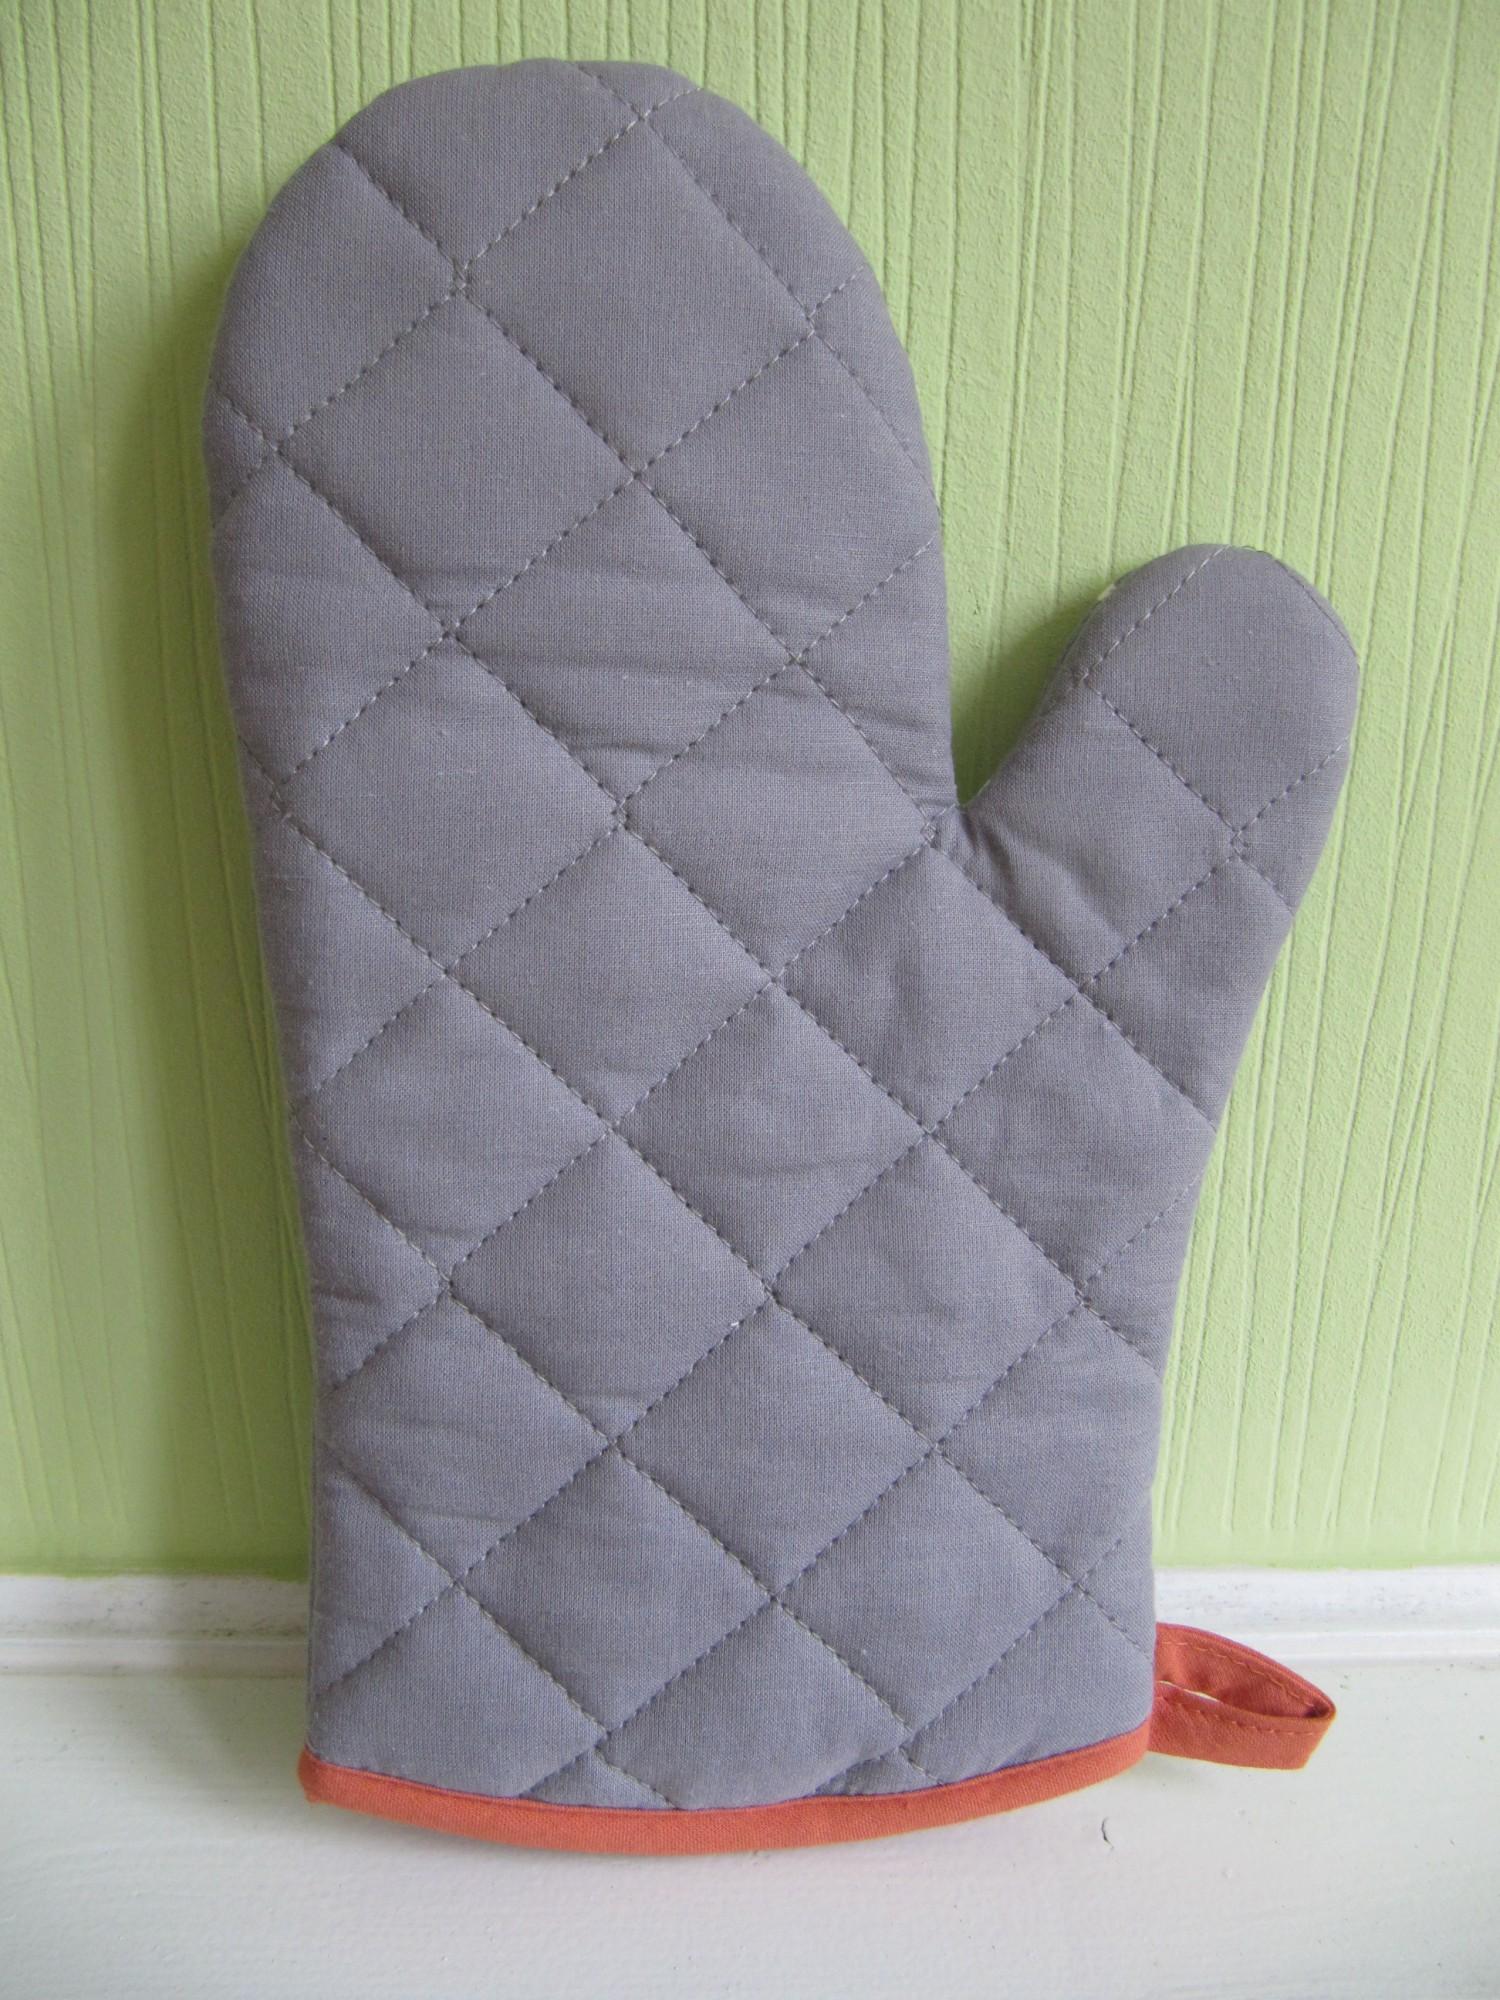 pfeffer und salz grau terra k chenset sch rze 70x85 cm topflappen 20x20 cm ofenhandschuh 17x28 cm. Black Bedroom Furniture Sets. Home Design Ideas